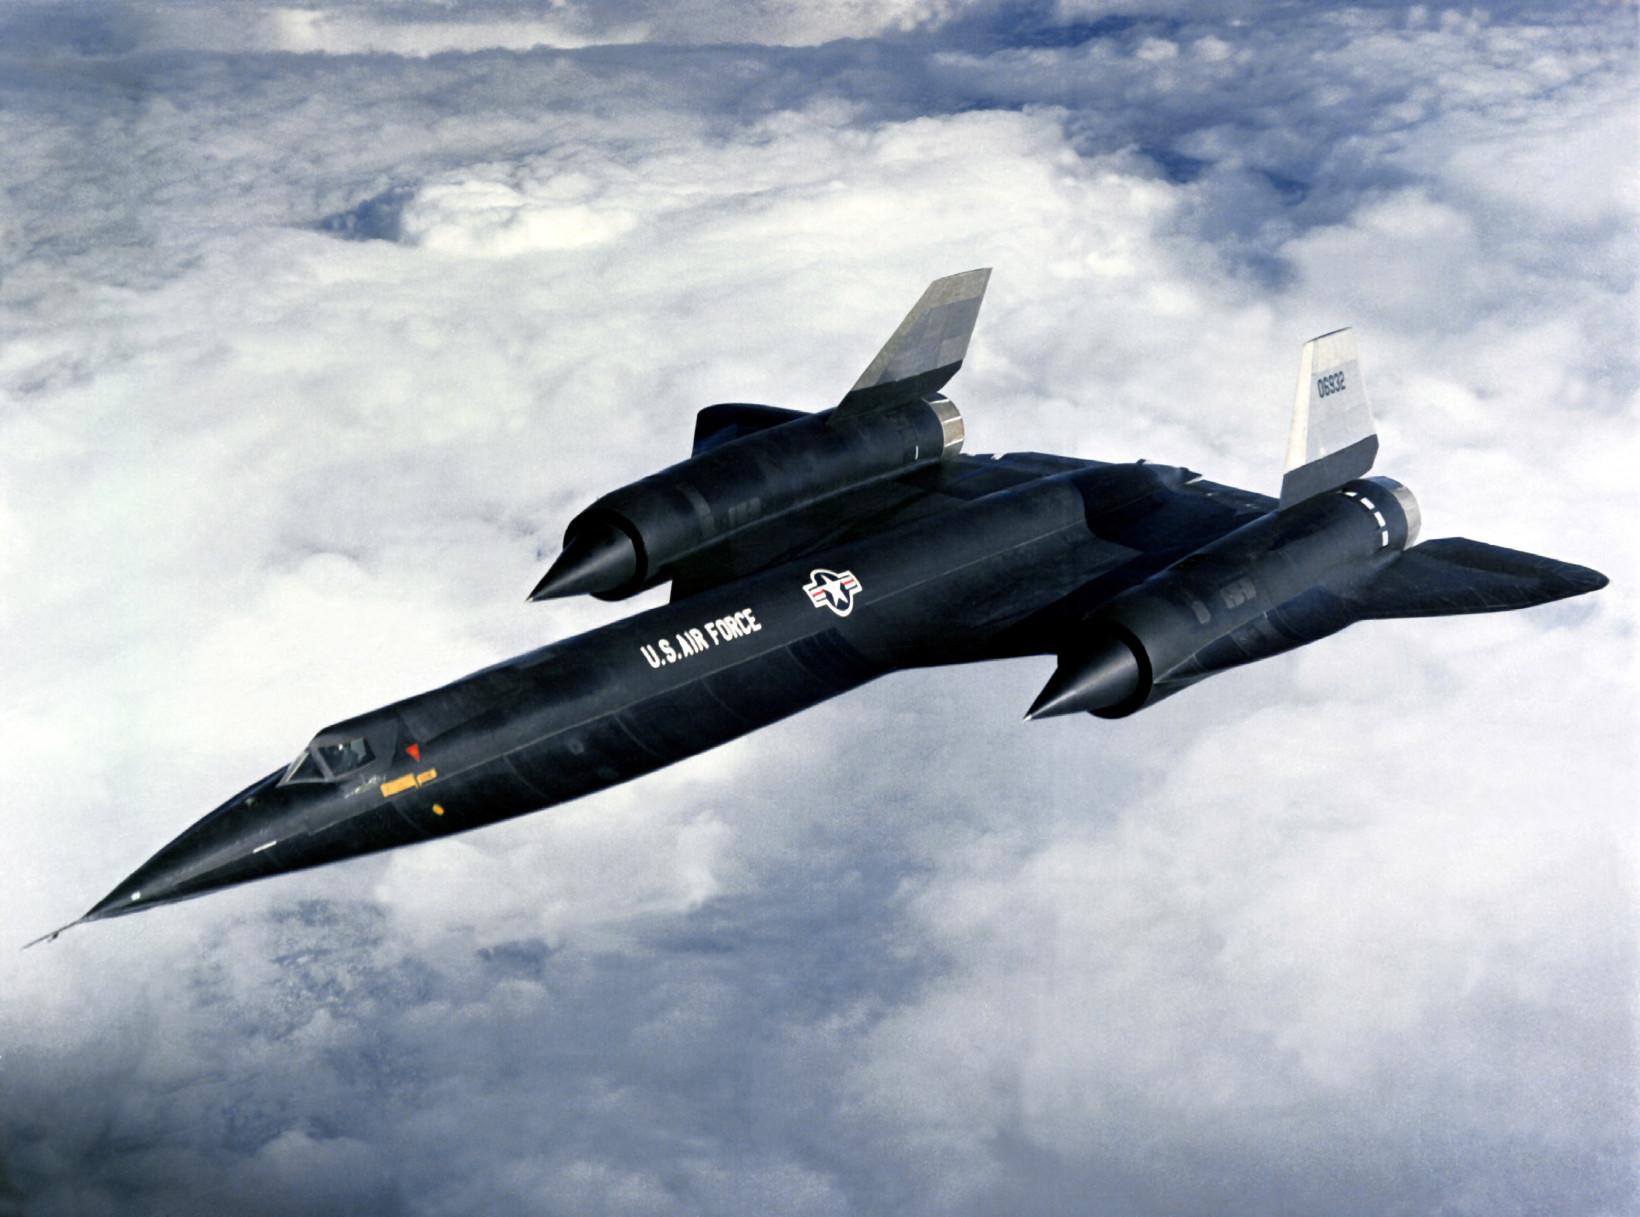 a-12, mach 3, lockheed, spy plane